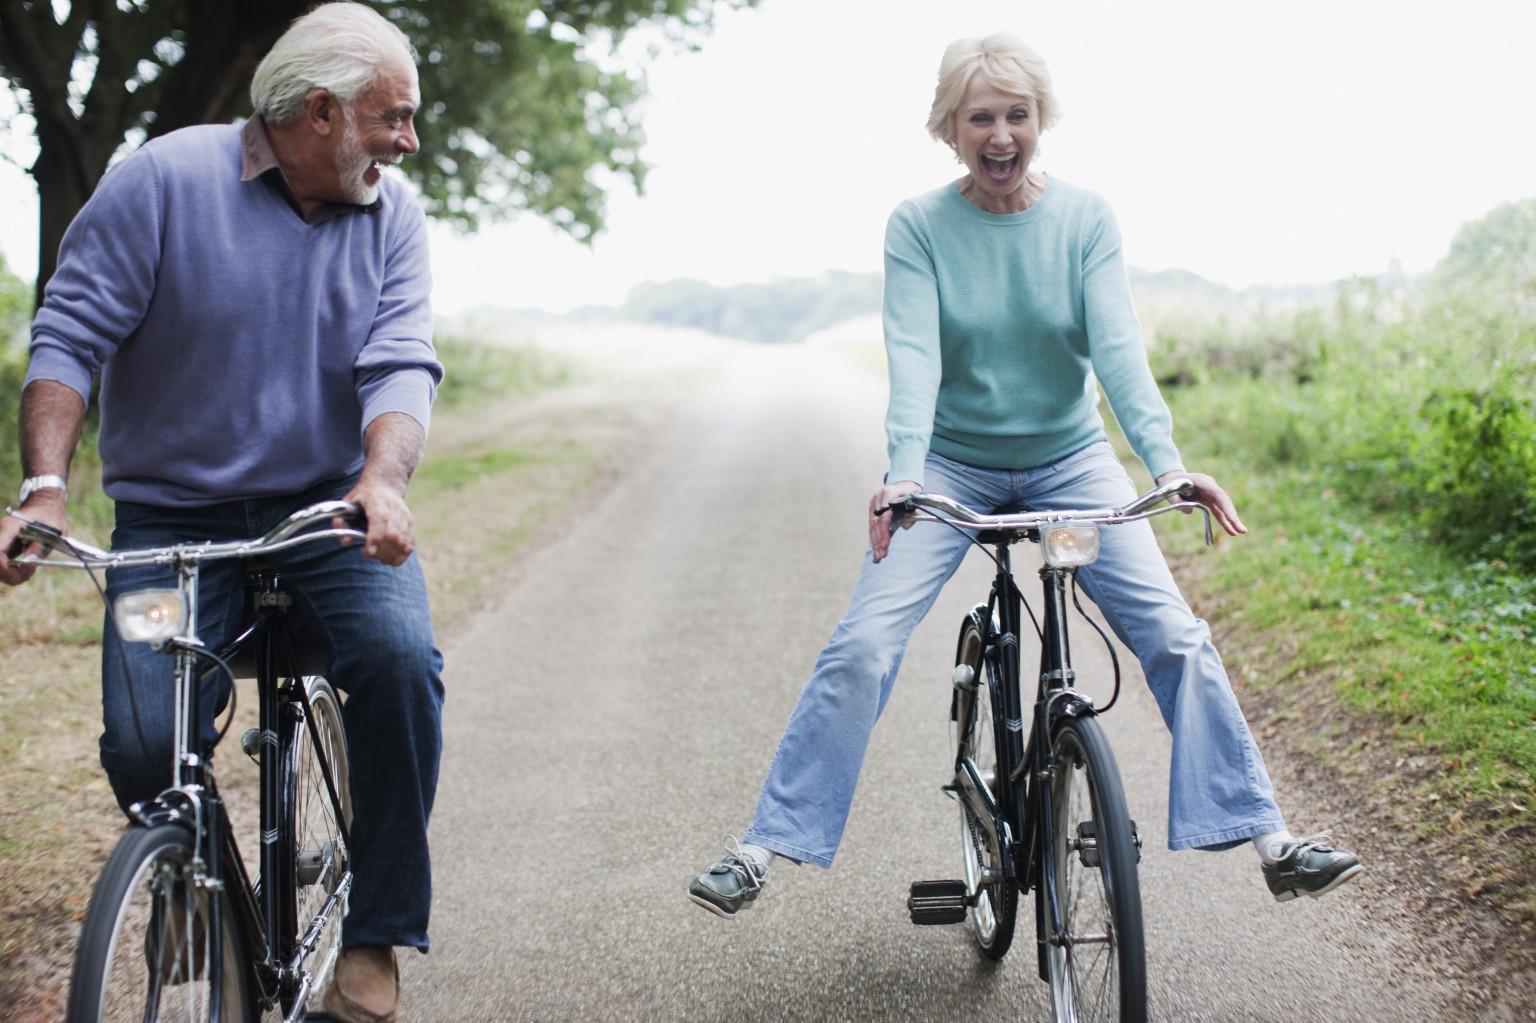 o-older-person-exercise-facebook